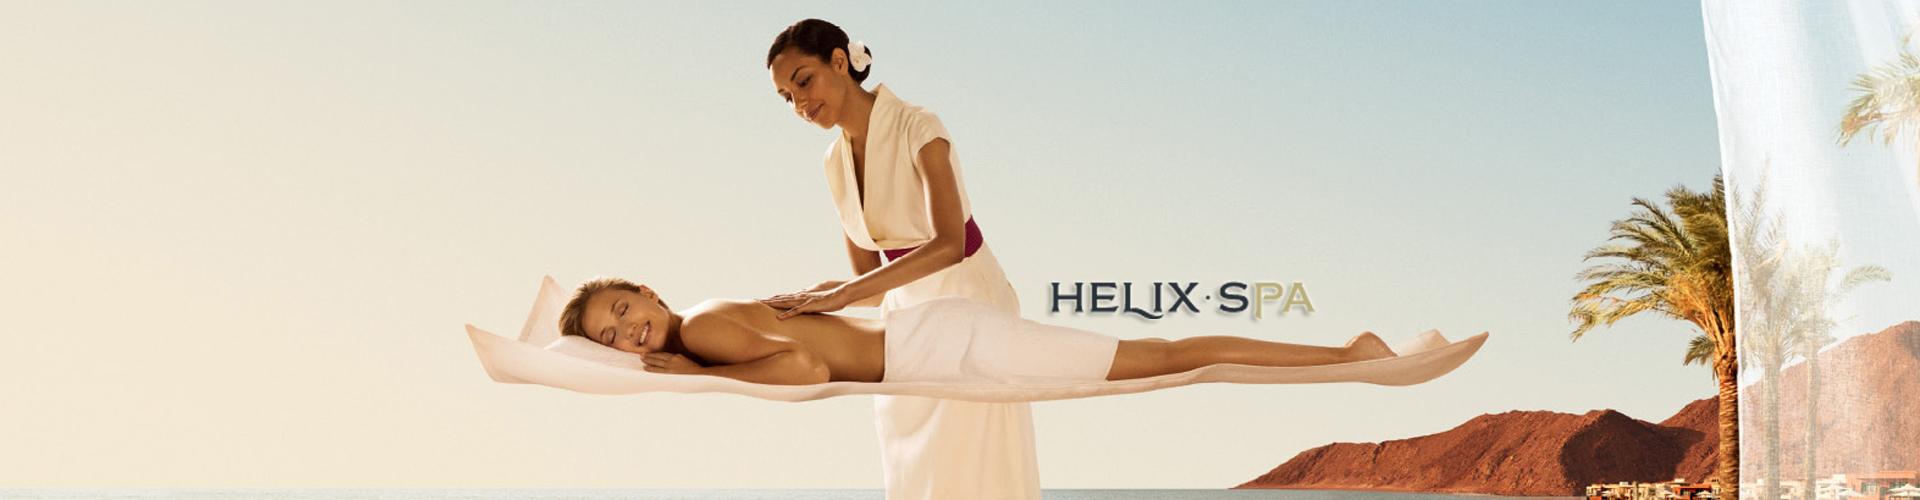 Helix SPA - cеть SPA салонов  Helix Capital